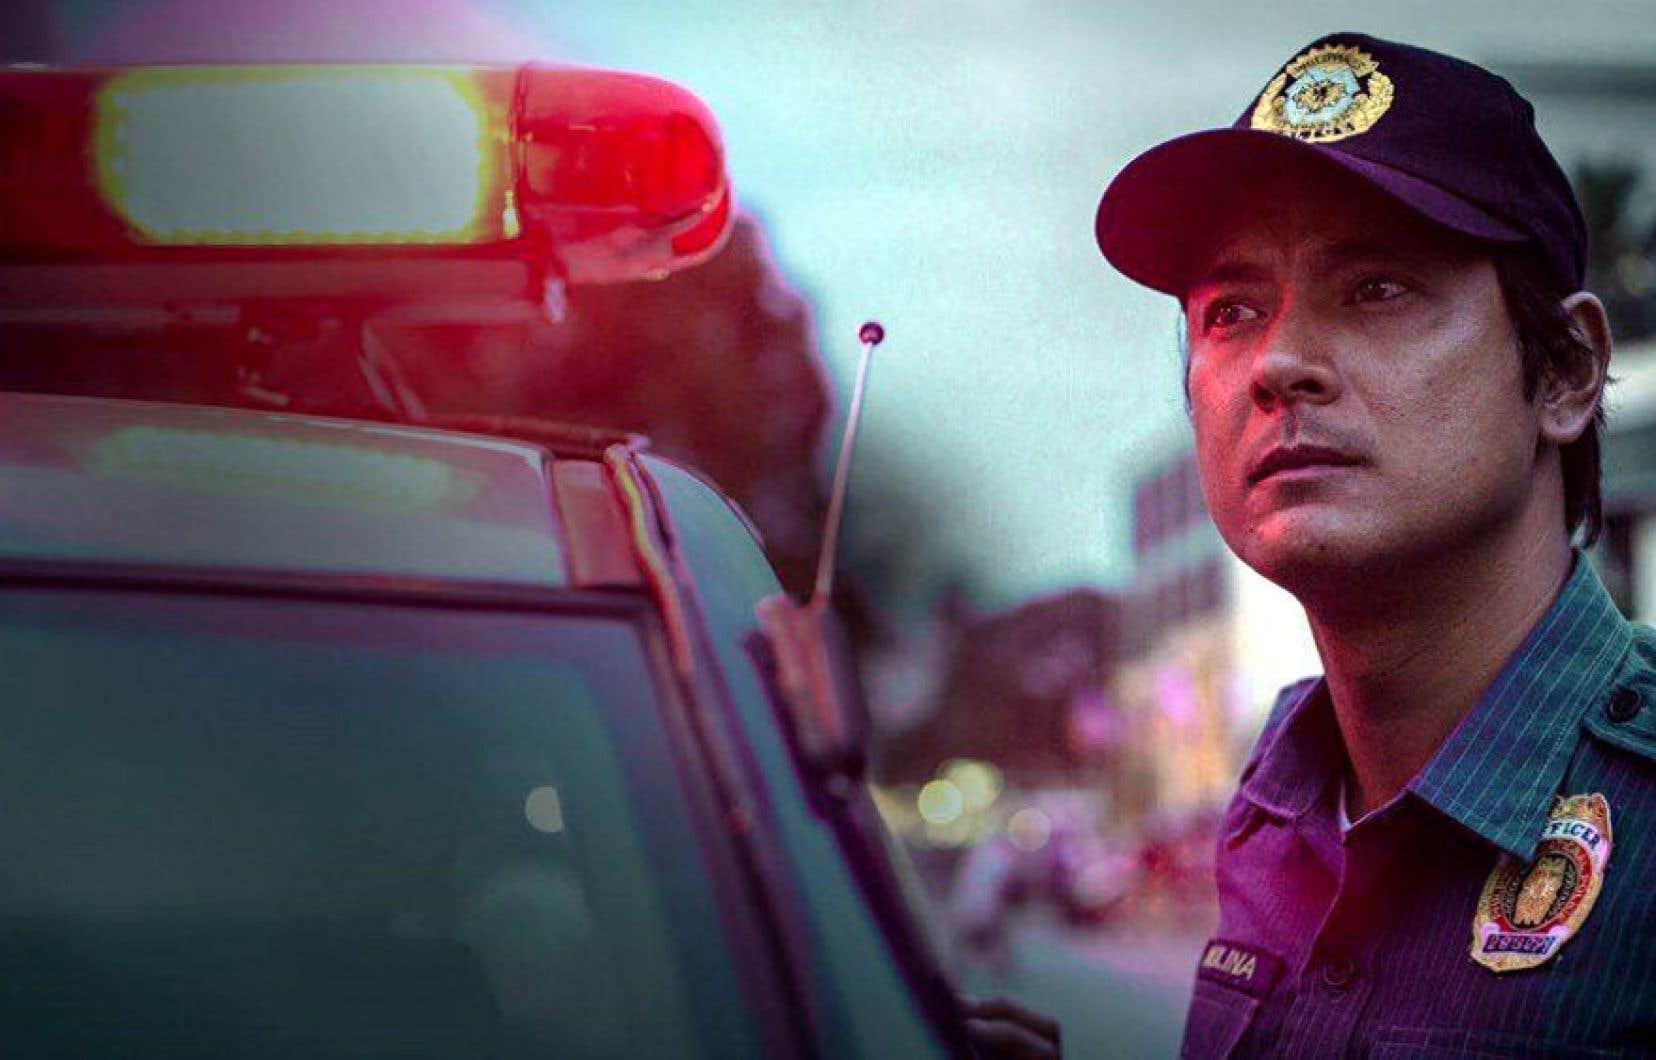 «AMO» s'inspire de la violente lutte antidrogue du controversé président Rodrigo Duterte, laquelle aurait fait 20 000 morts.